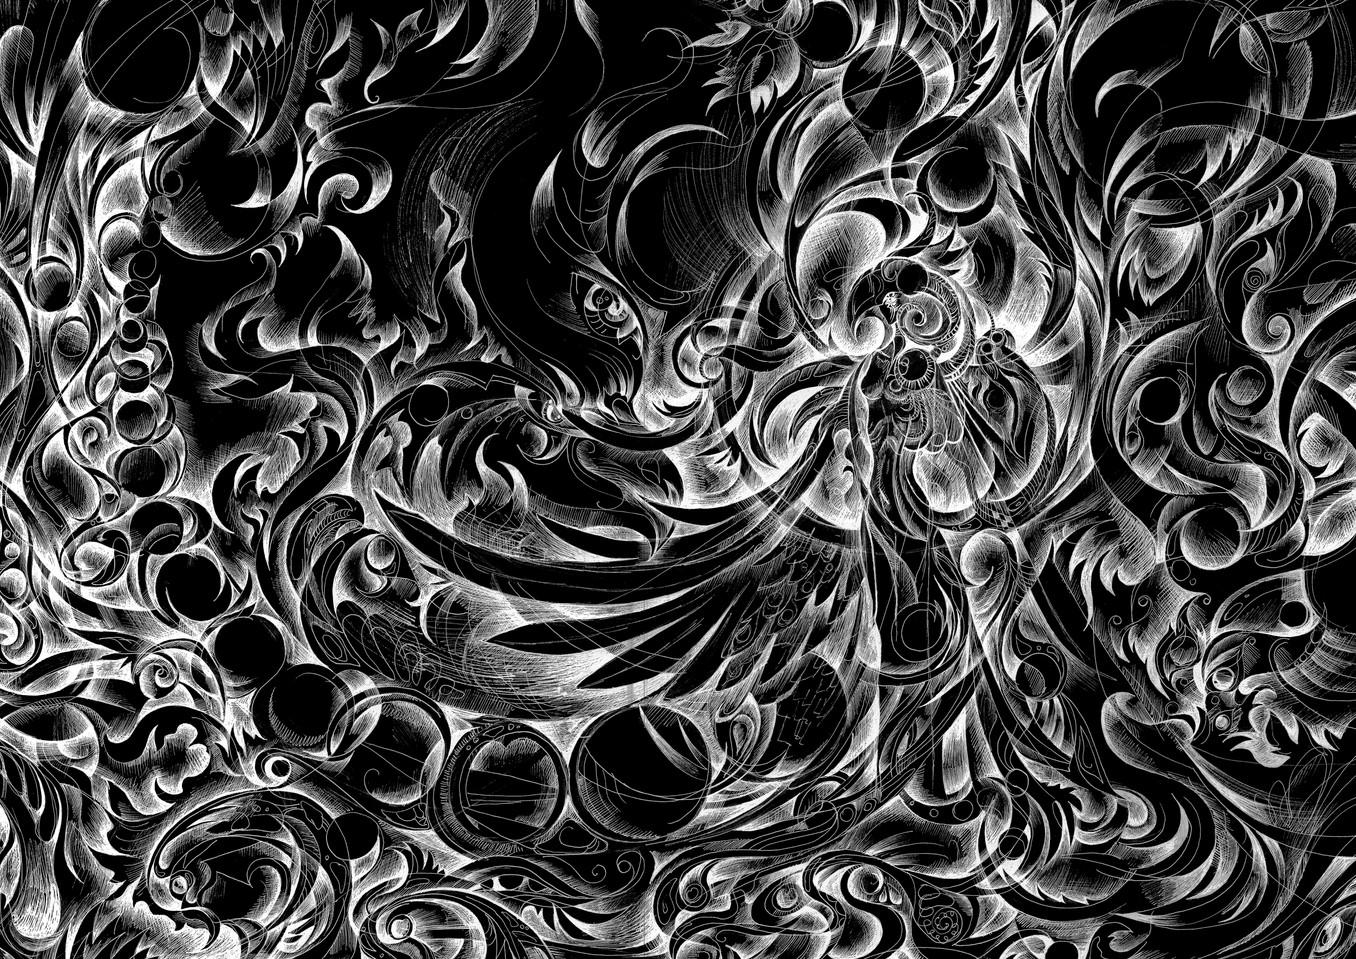 Dark Visionary Art